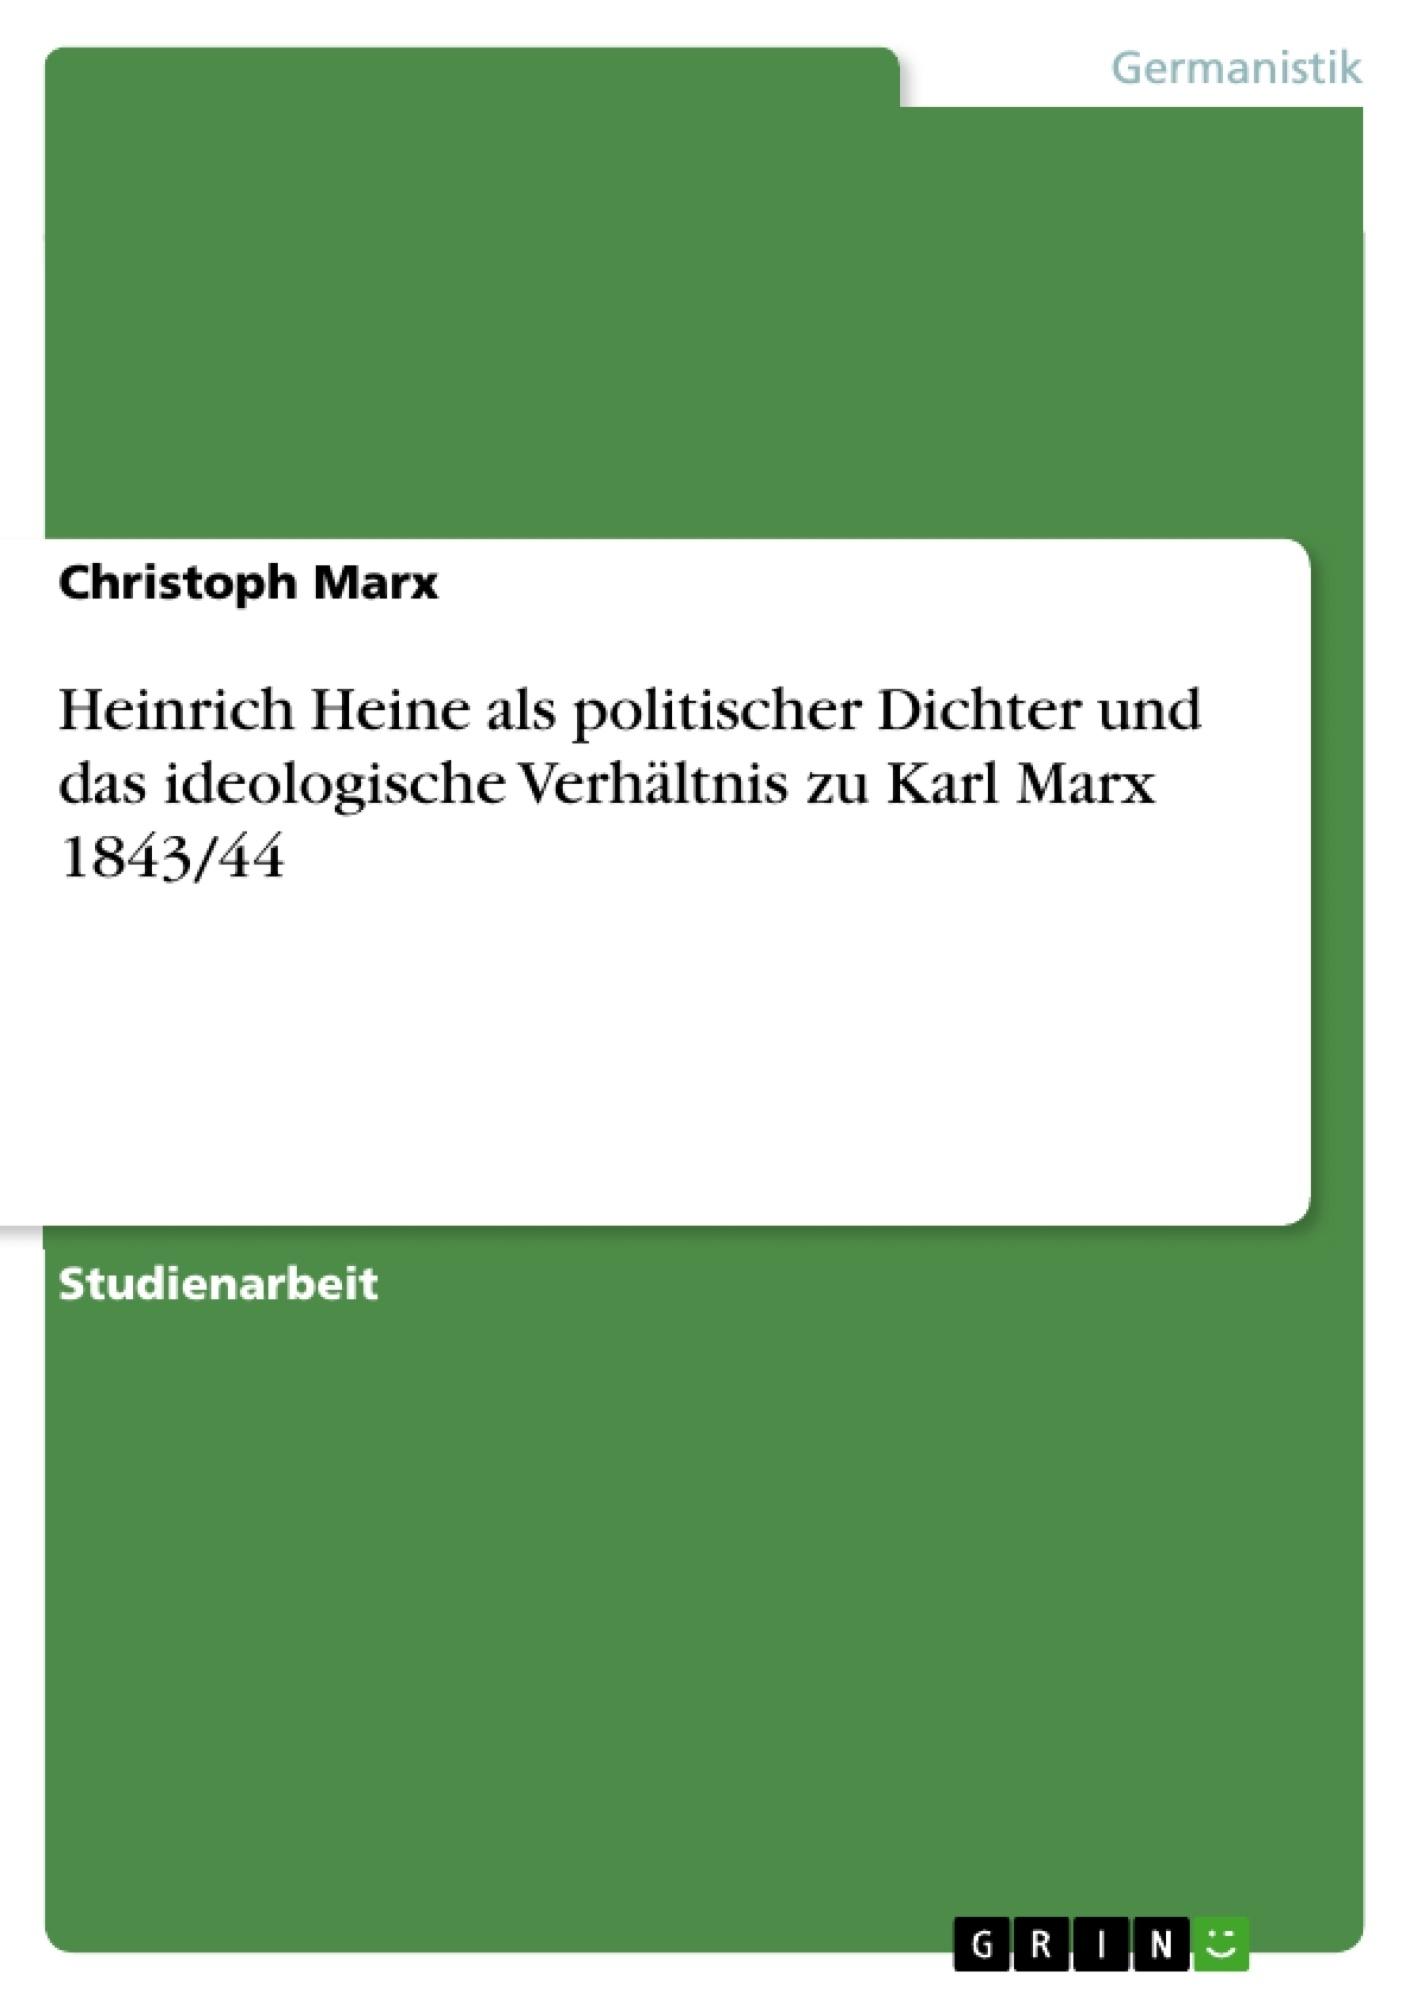 Titel: Heinrich Heine als politischer Dichter und das ideologische Verhältnis zu Karl Marx 1843/44